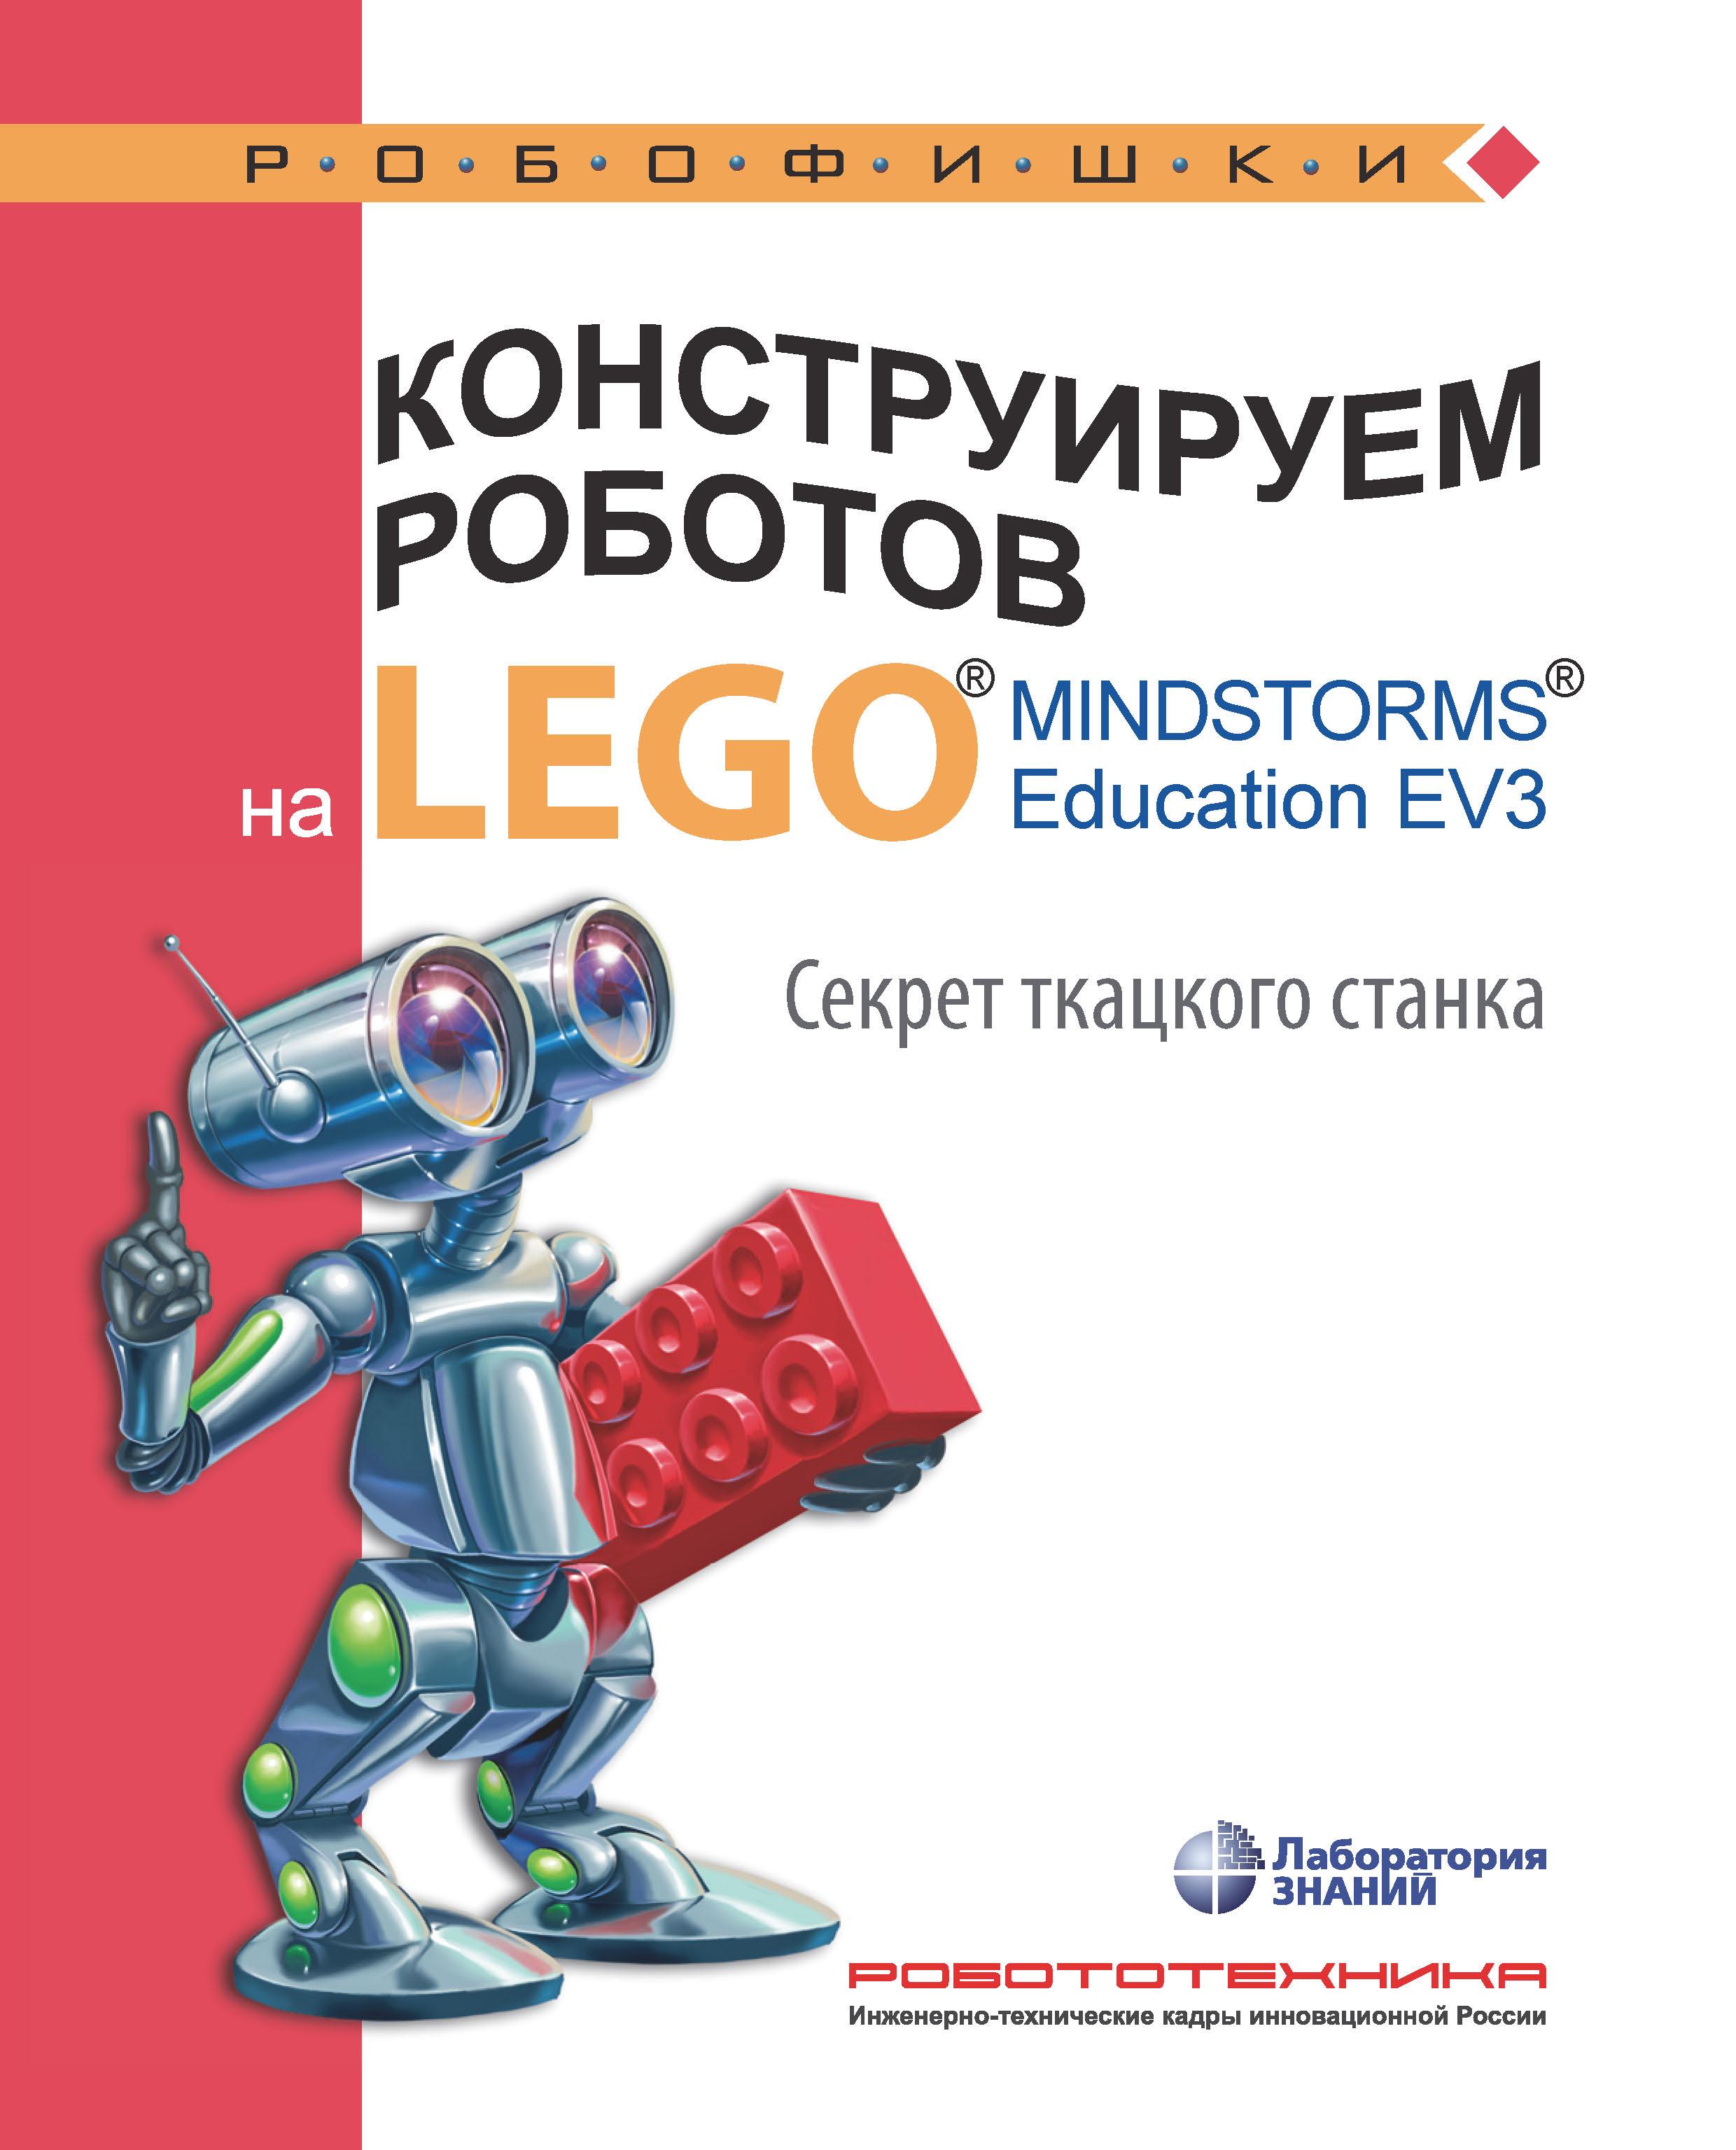 Марина Стерхова Конструируем роботов на LEGO MINDSTORMS Education EV3. Секрет ткацкого станка тарапата в конструируем роботов на lego® mindstorms® education ev3 секрет ткацкого станка isbn 9785906828941